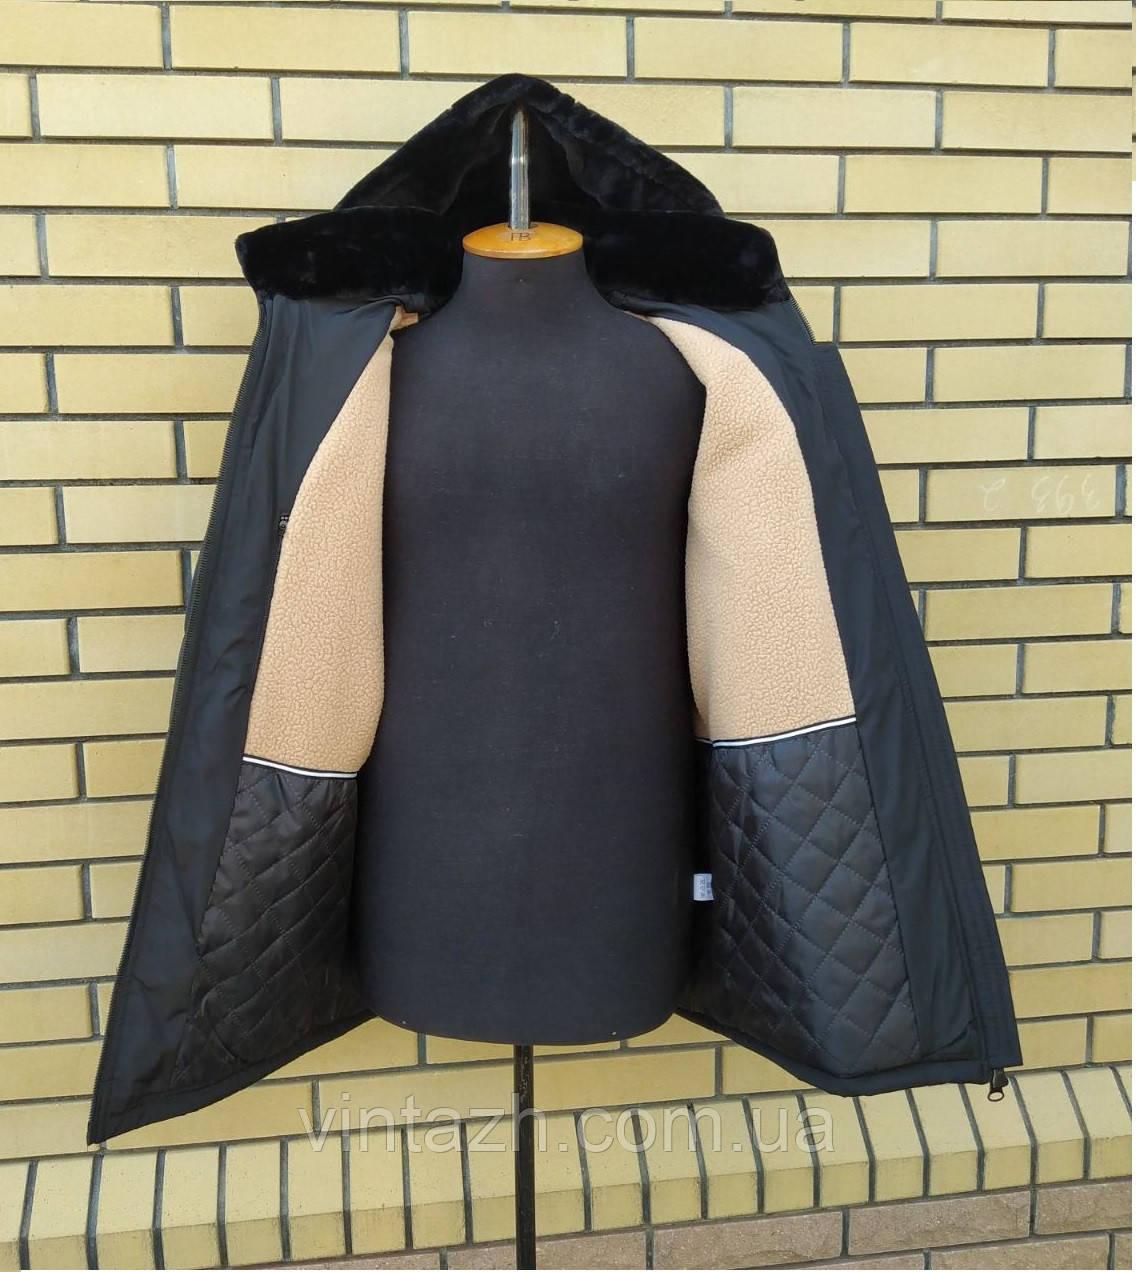 Тёплая зимняя мужская куртка на меху размеры 50-62